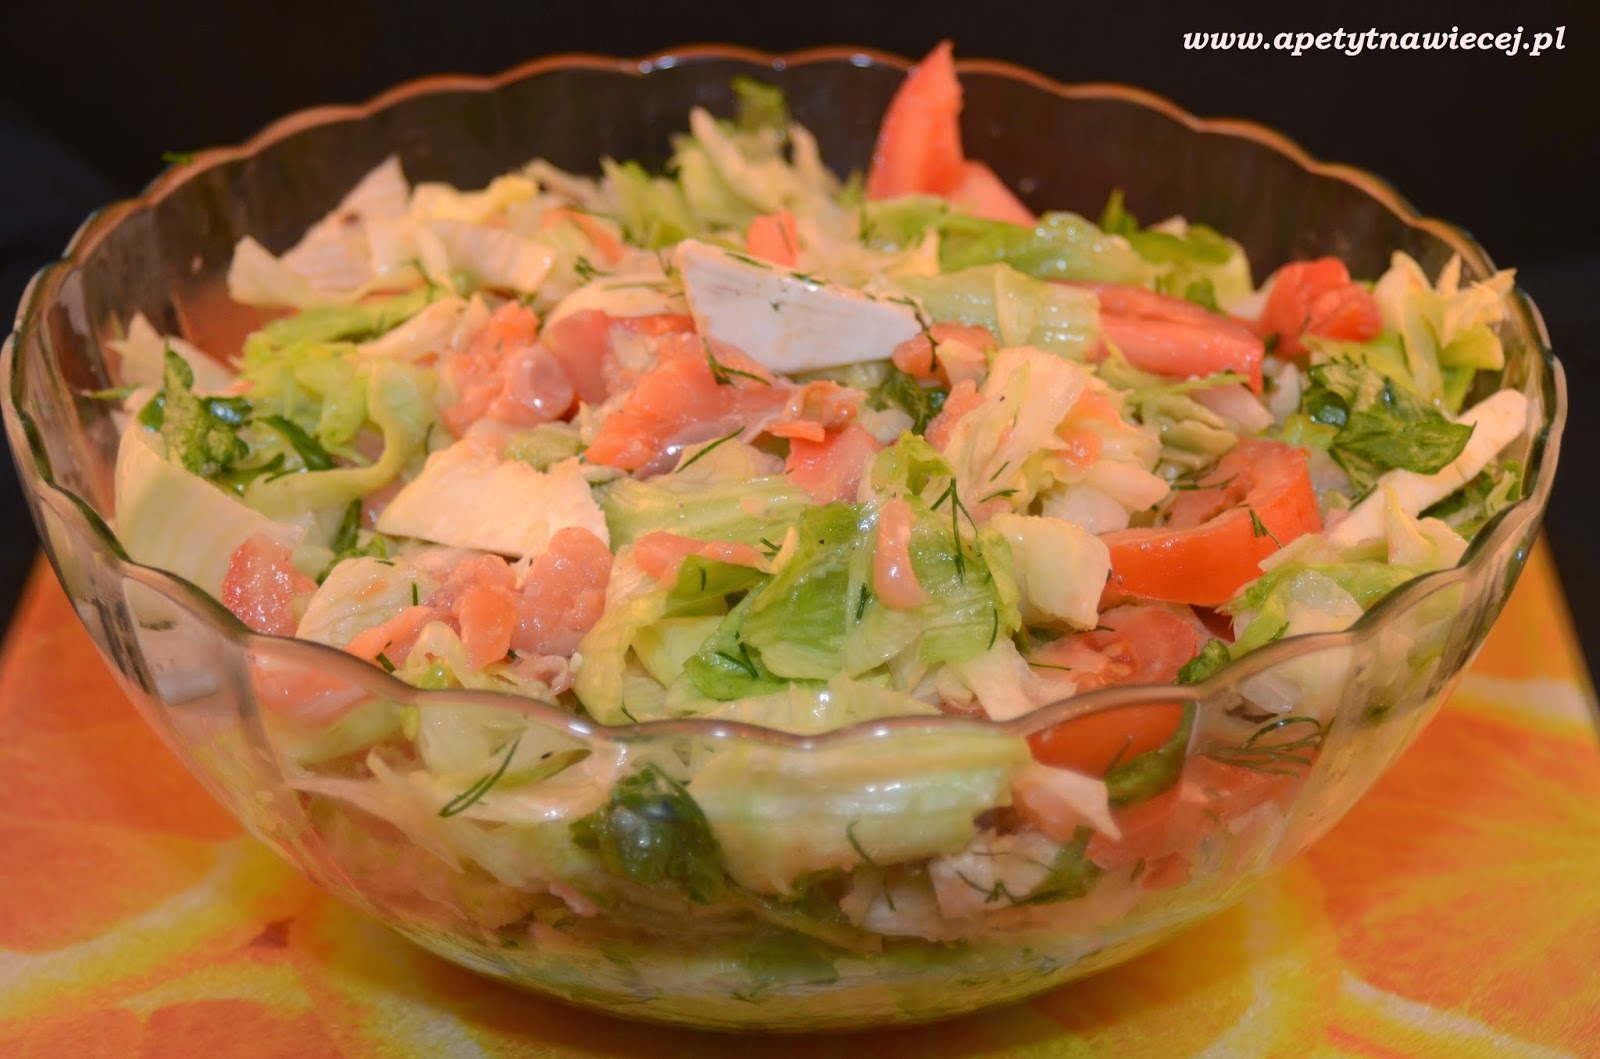 Салат нептун пошаговый рецепт с фото